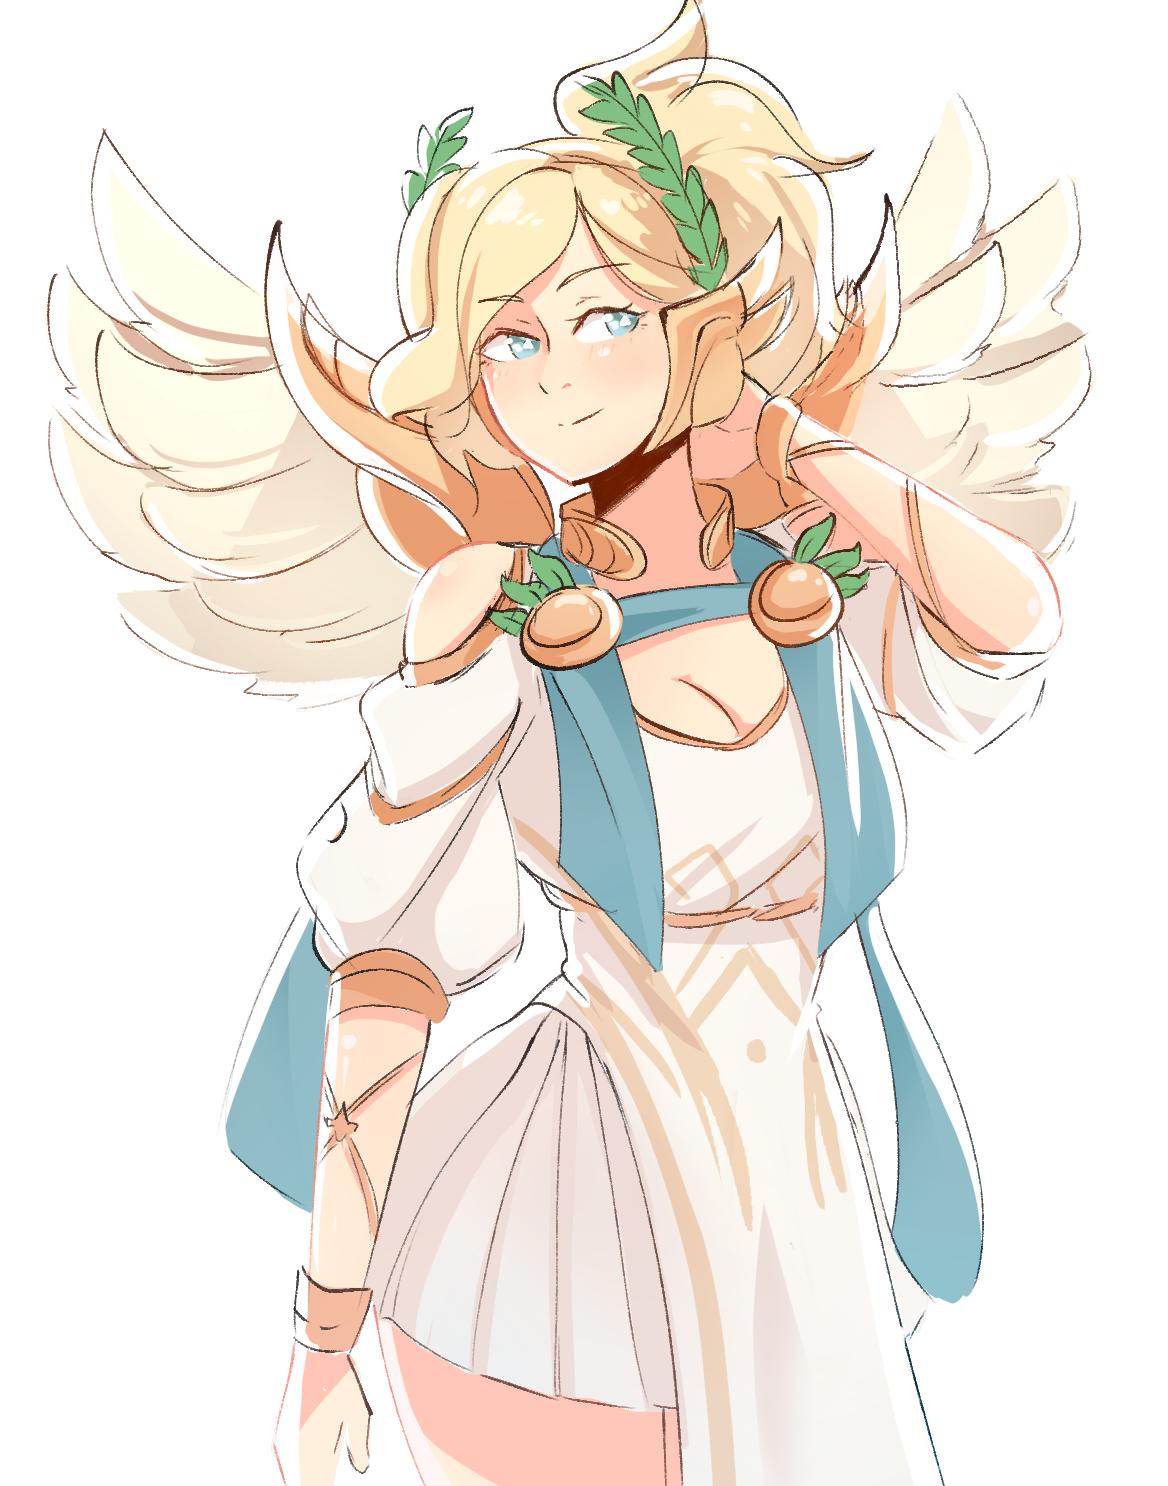 Winged Mercy